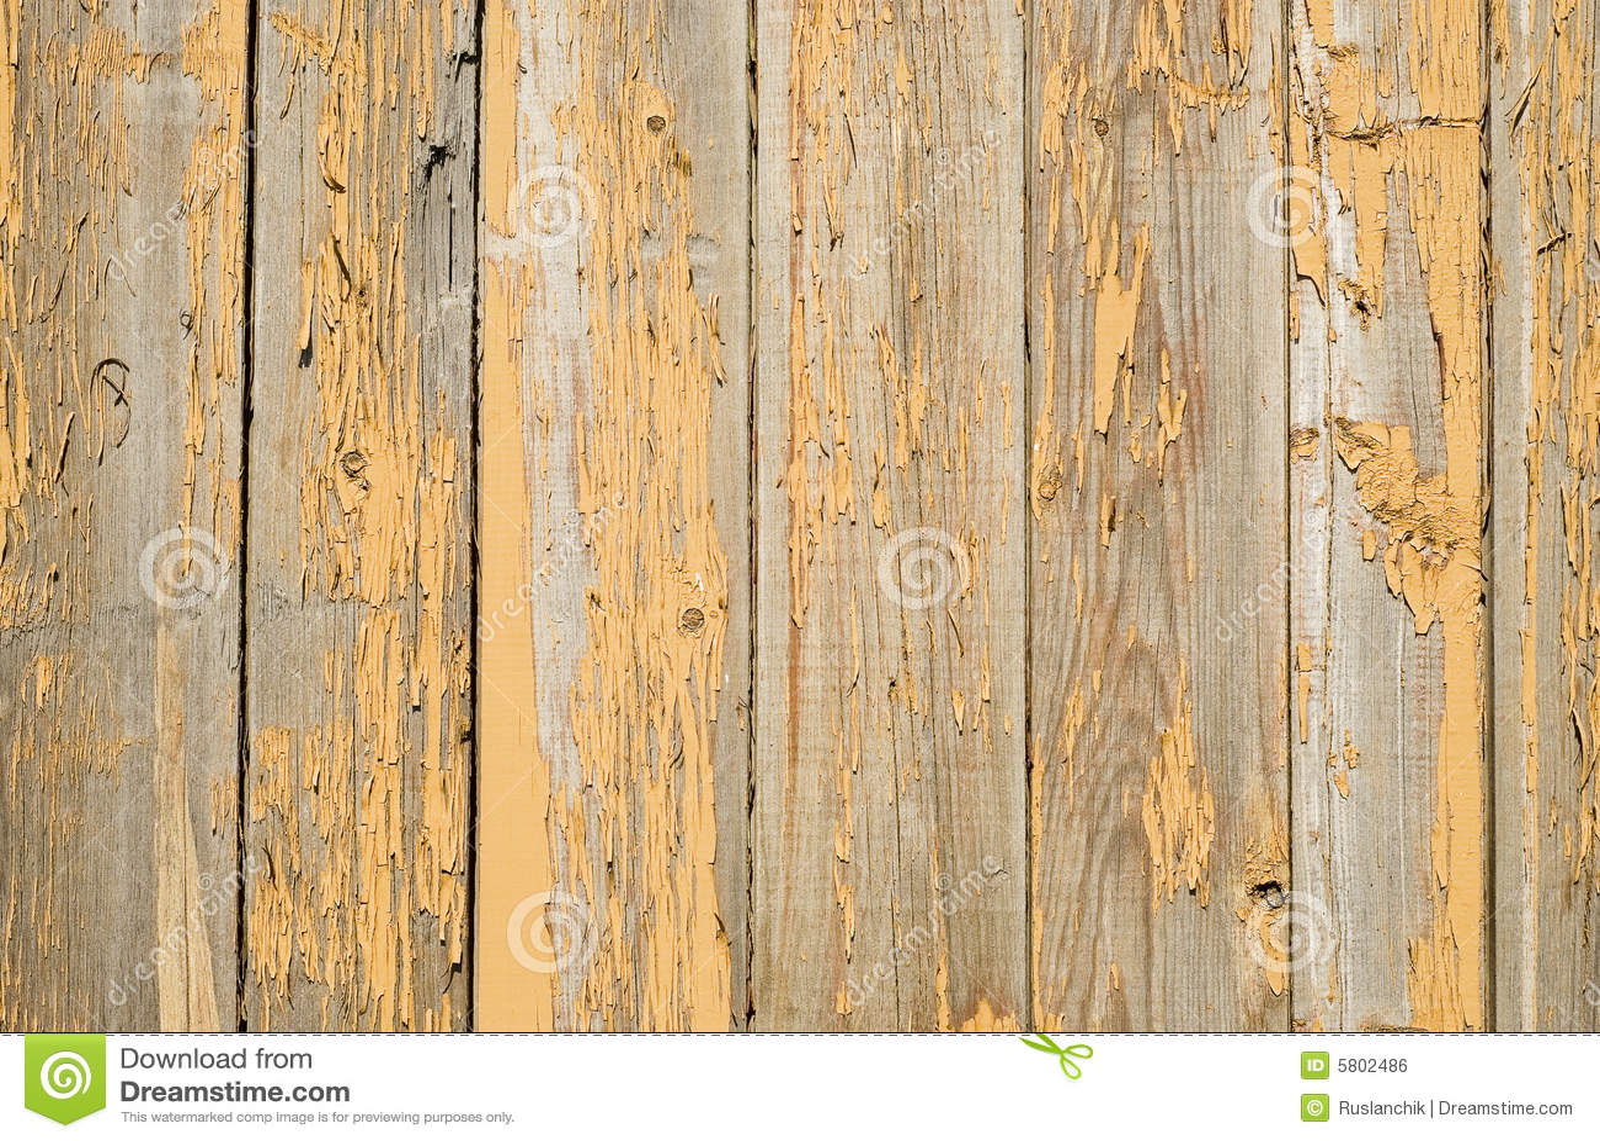 wood background royalty free - photo #35